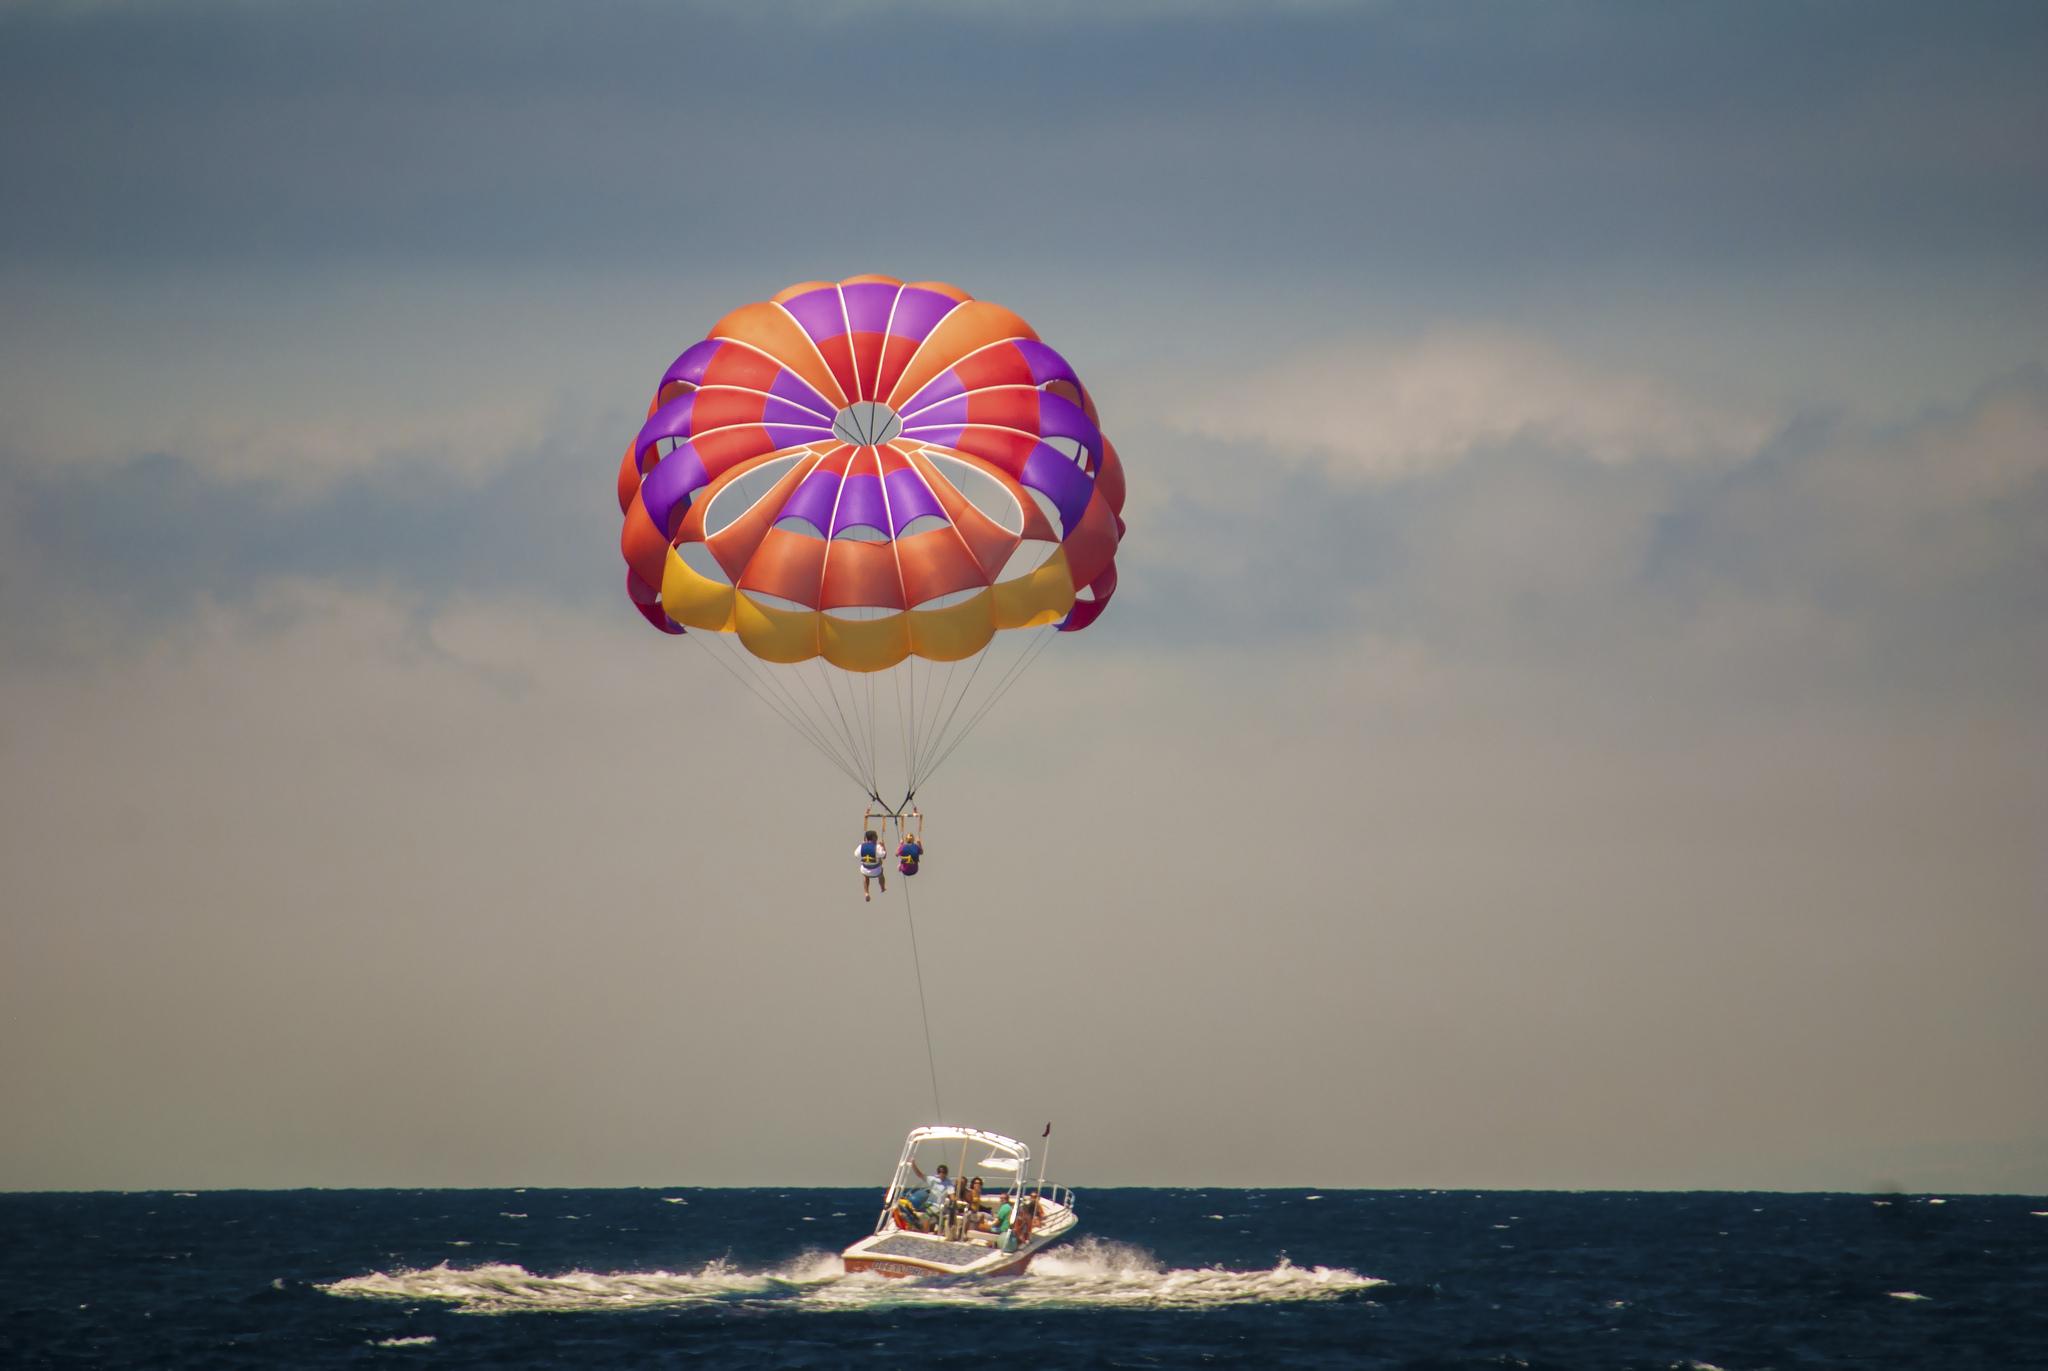 parasailing, windsurfing